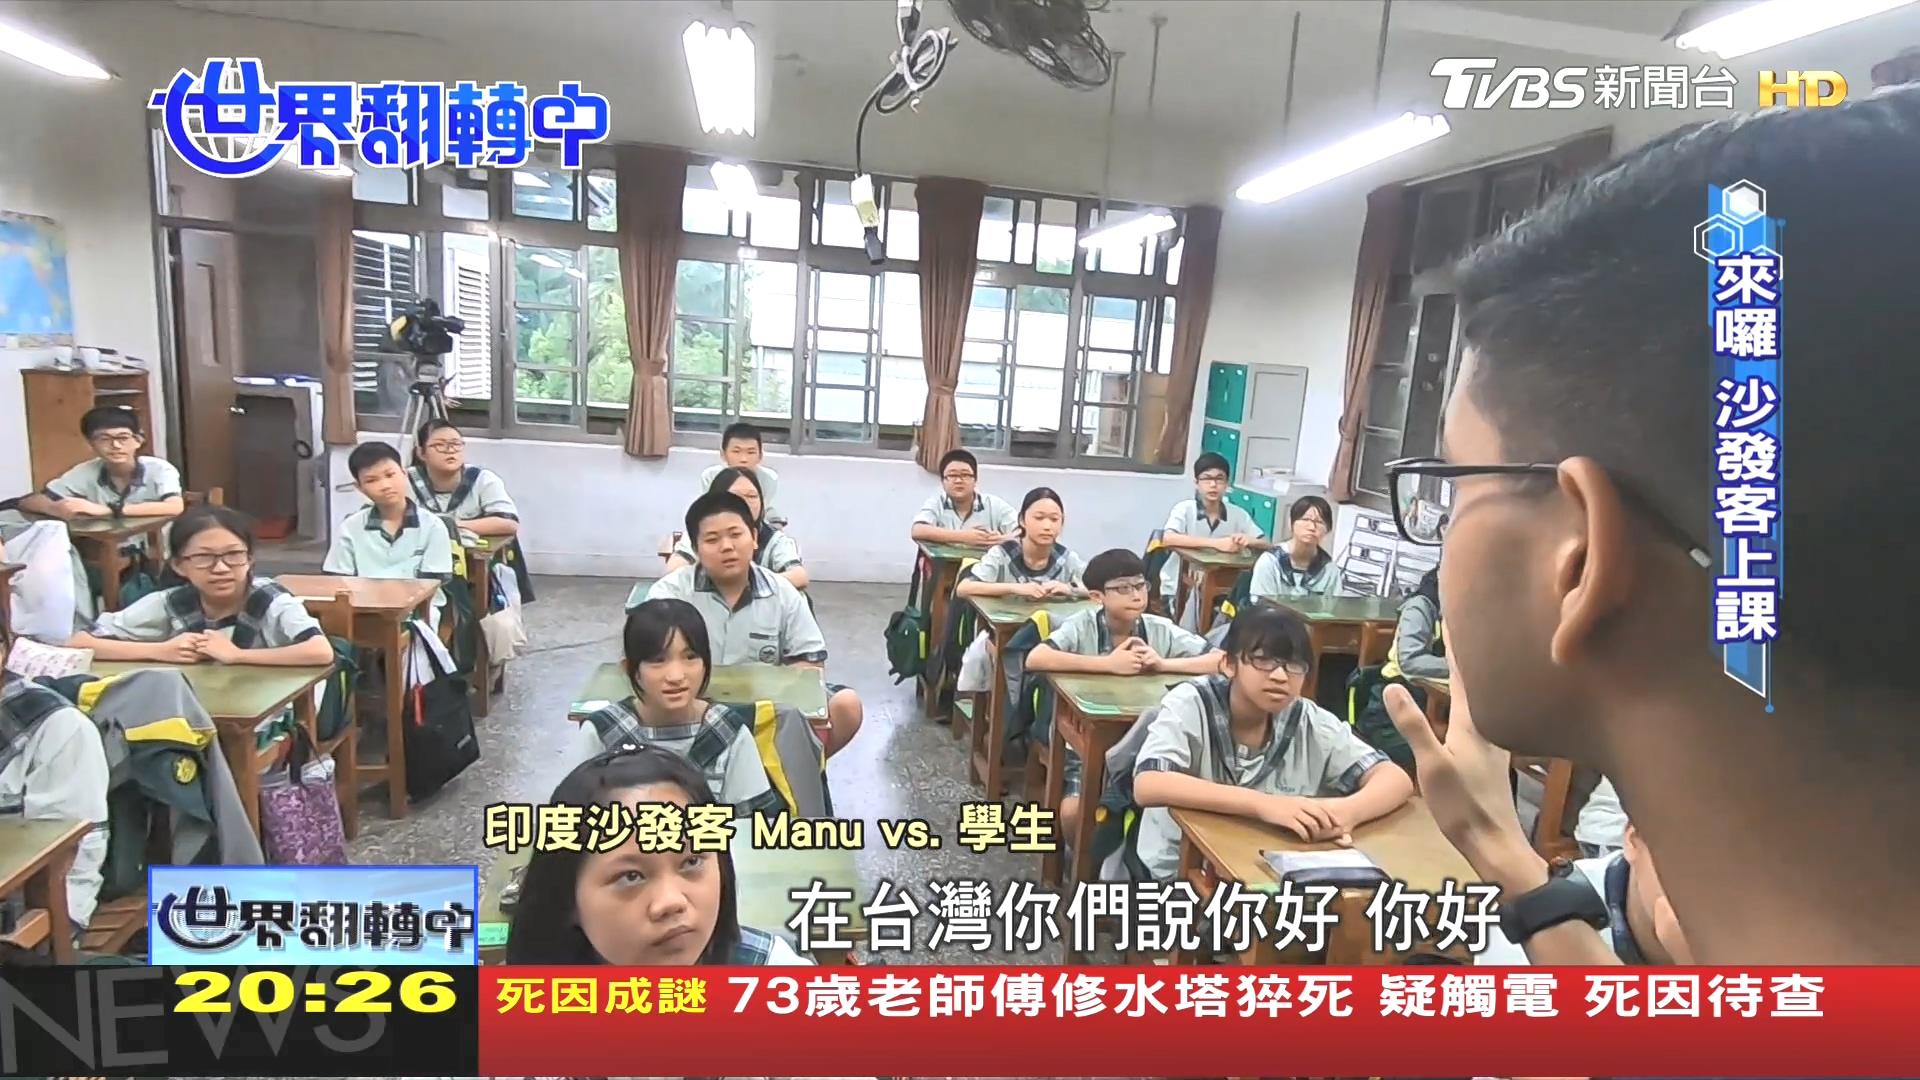 圖/TVBS 台灣從「交換」到「交流」 「國際教育」的變與不變